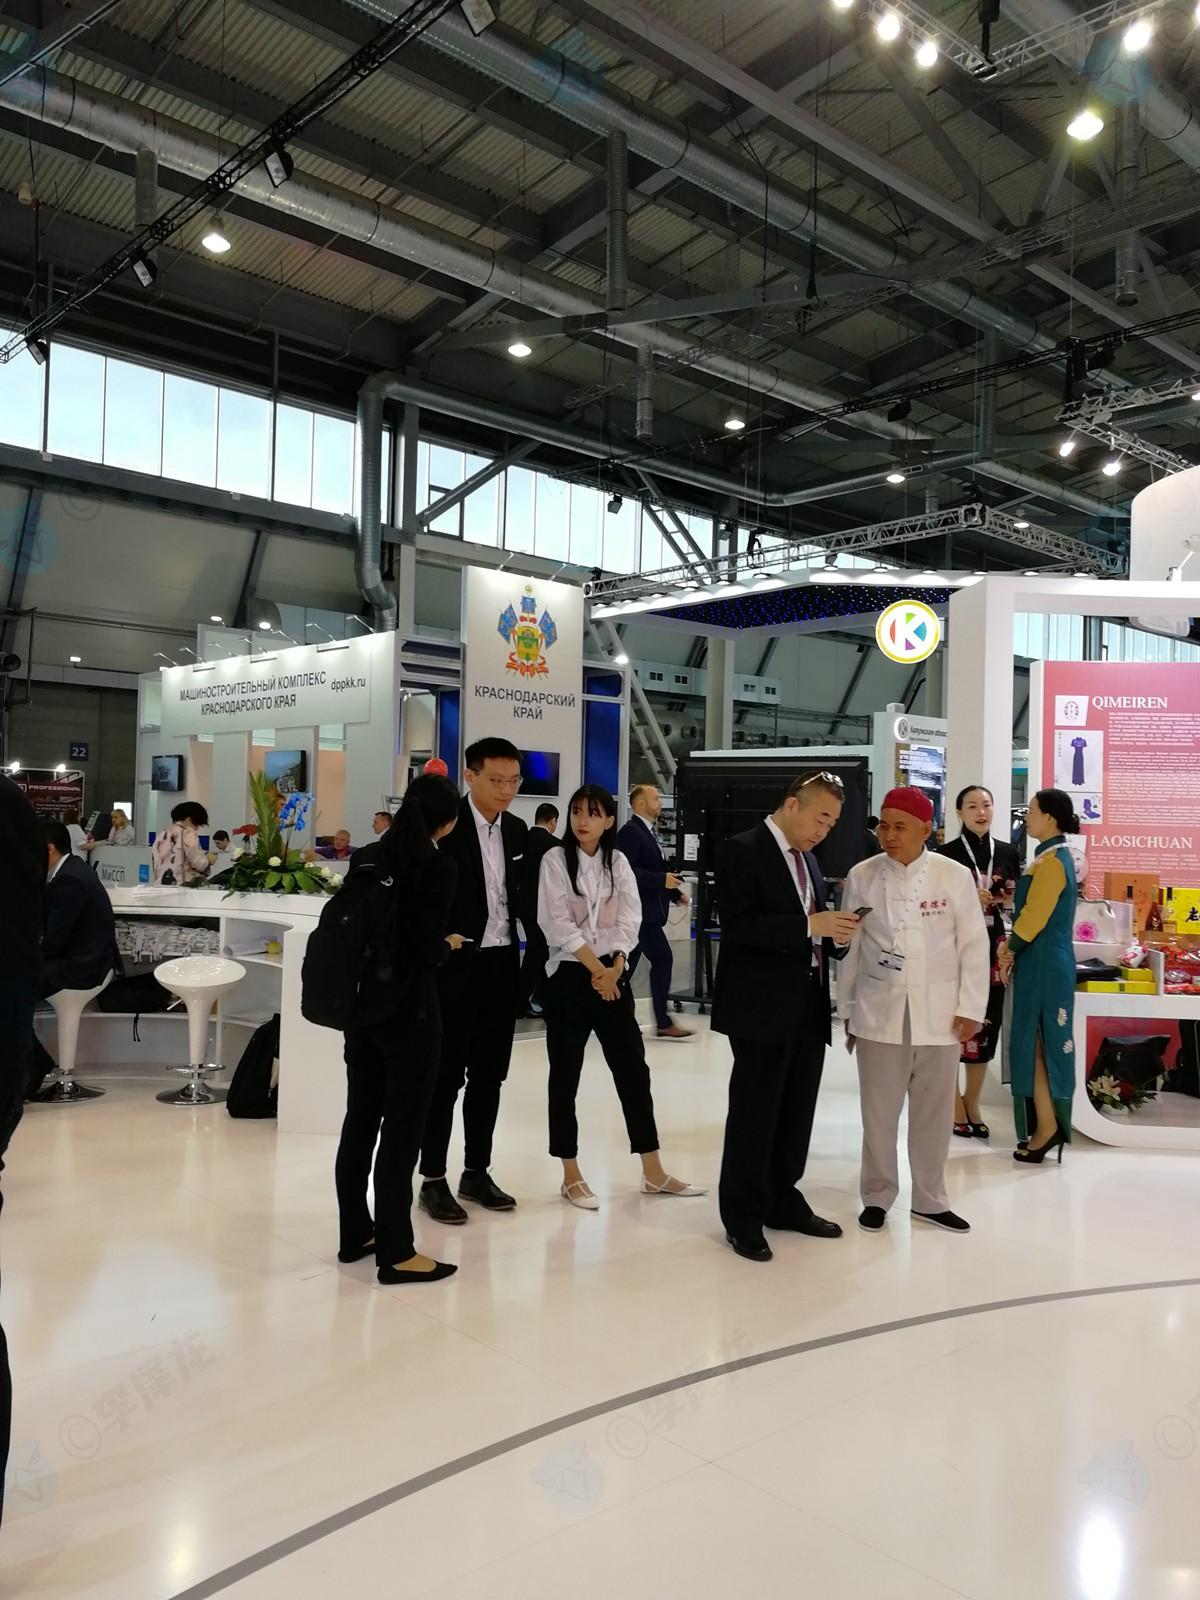 参加俄罗斯工业博览会(俄罗斯创新工业展)是什么体验?插图24-小狮座俄罗斯留学